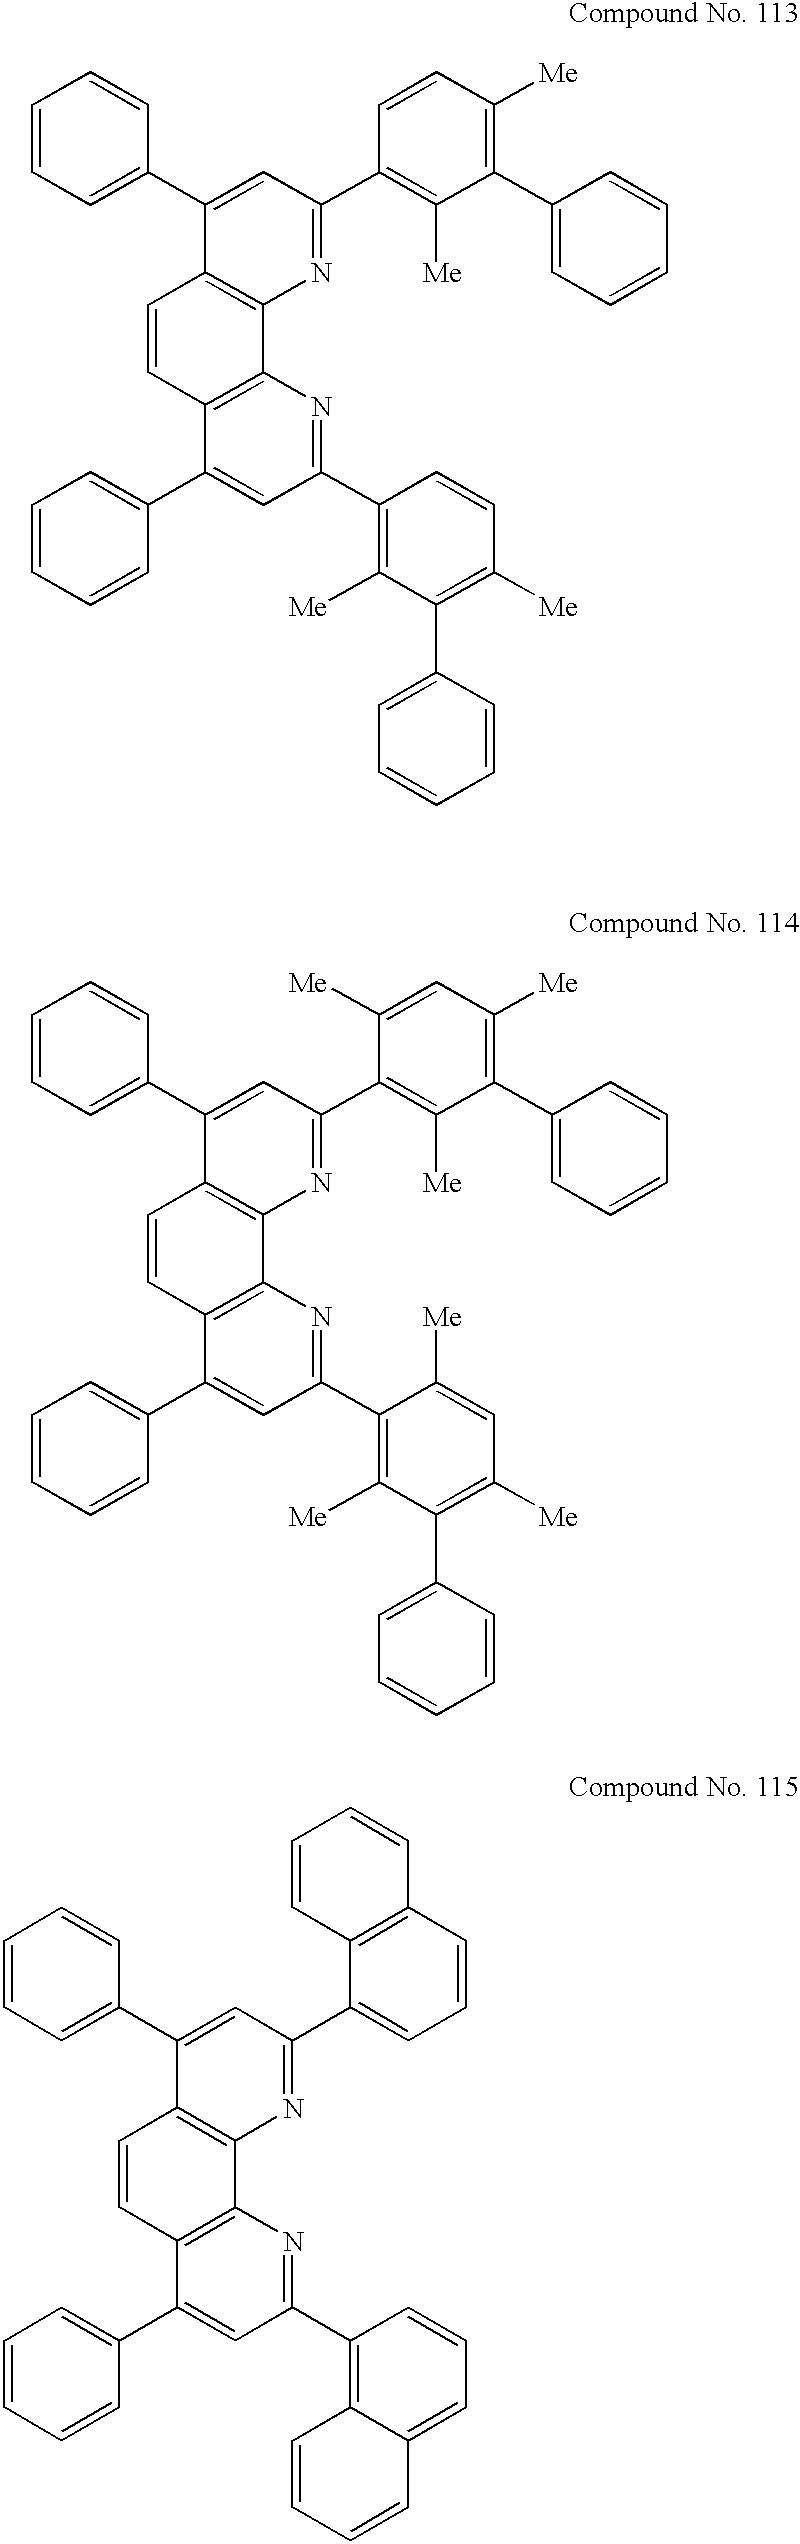 Figure US06524728-20030225-C00034